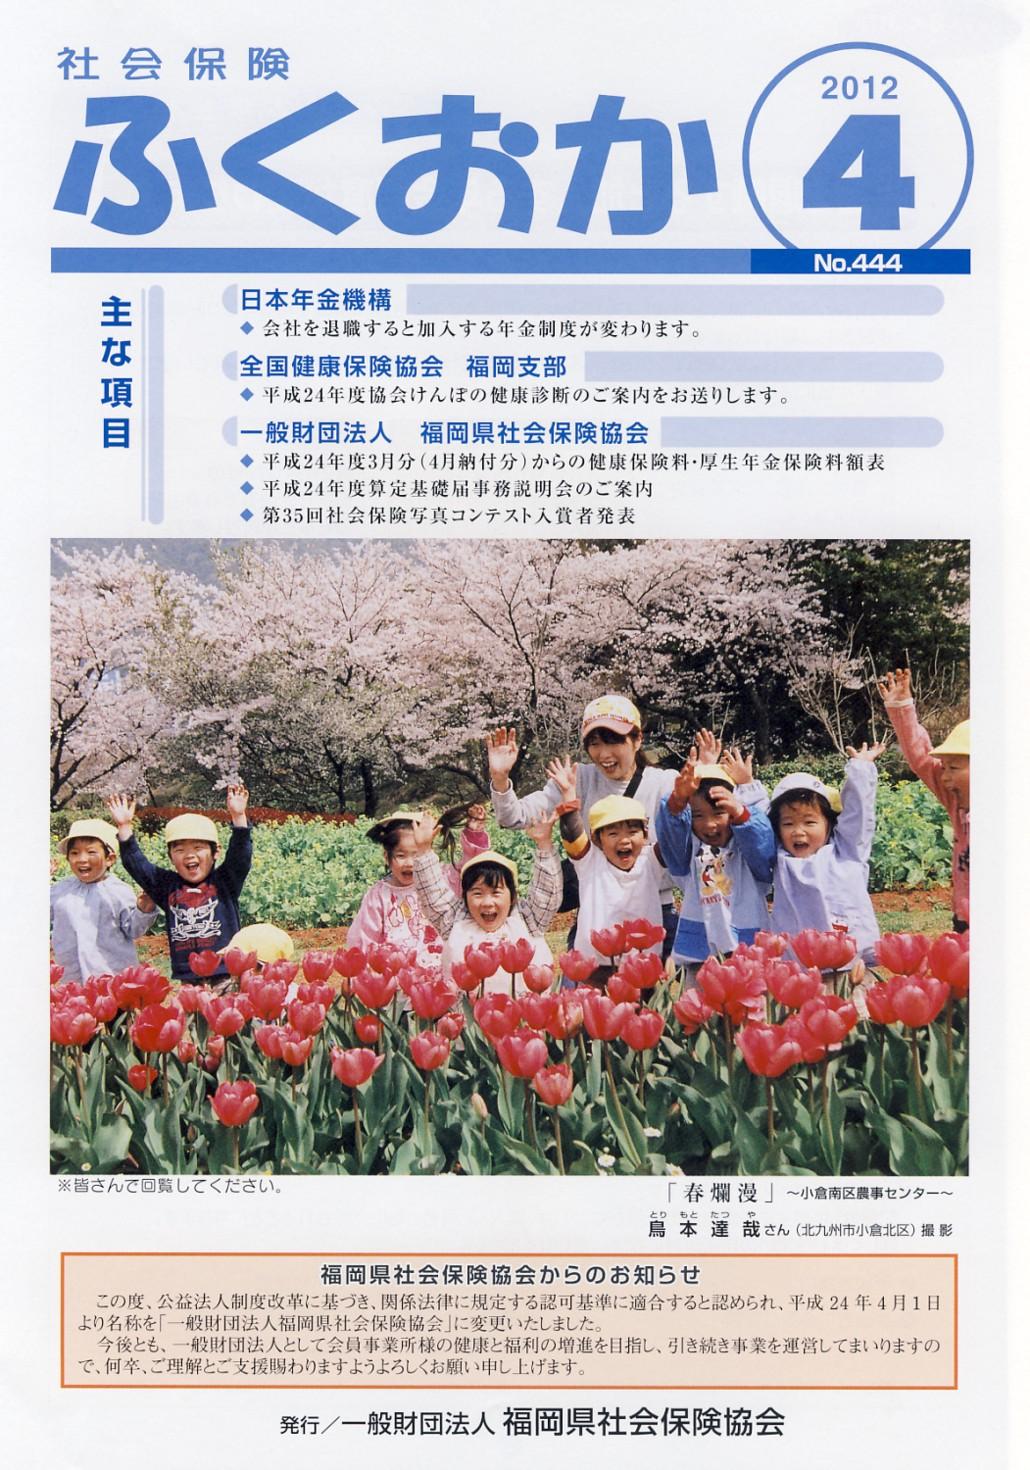 社会保険 ふくおか 2012 4月号_f0120774_13432035.jpg